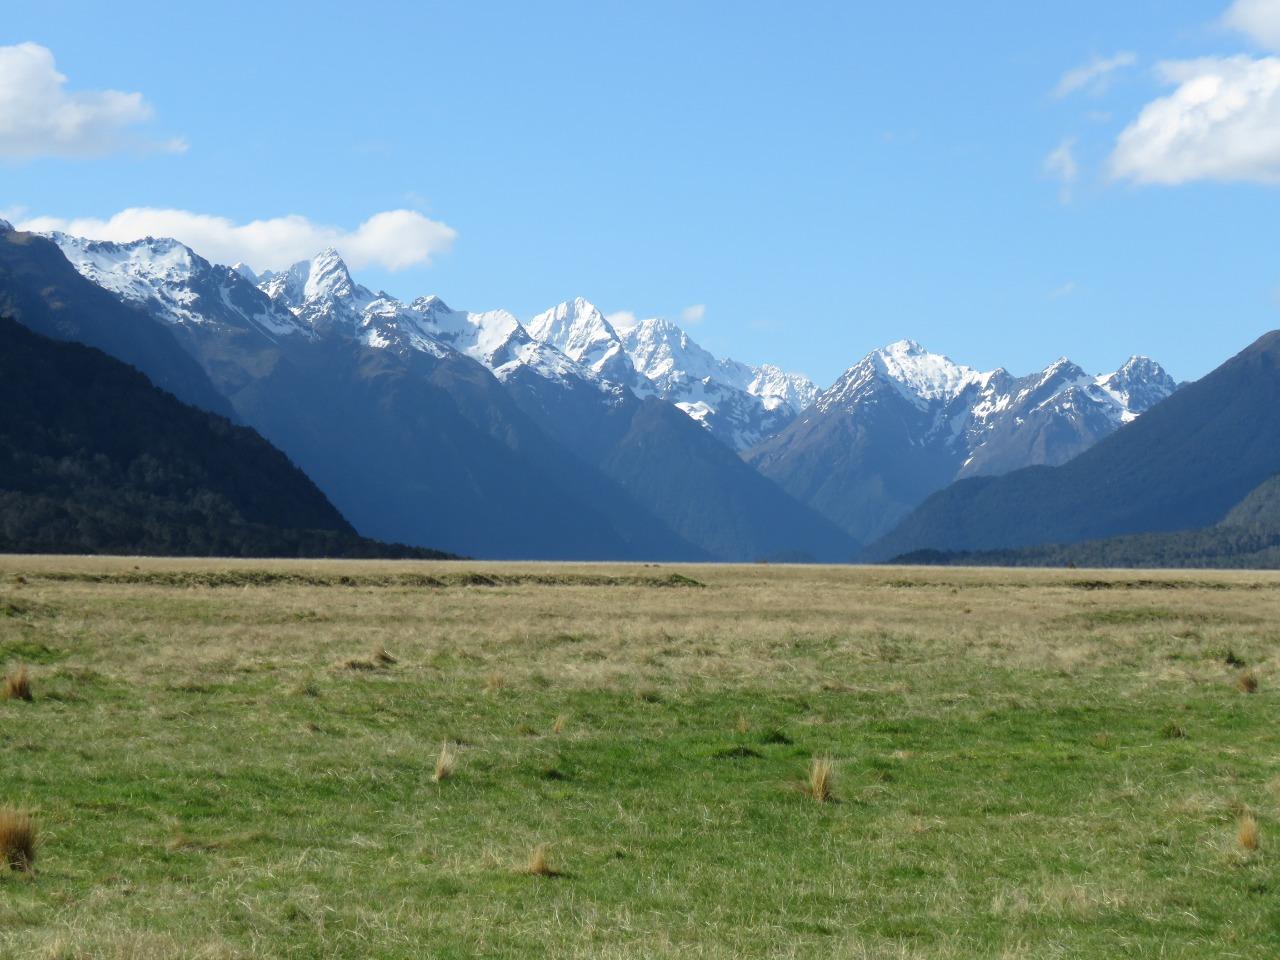 Relato de viagem de motorhome pela Nova Zelândia: Dias 26 e 27 - Southland